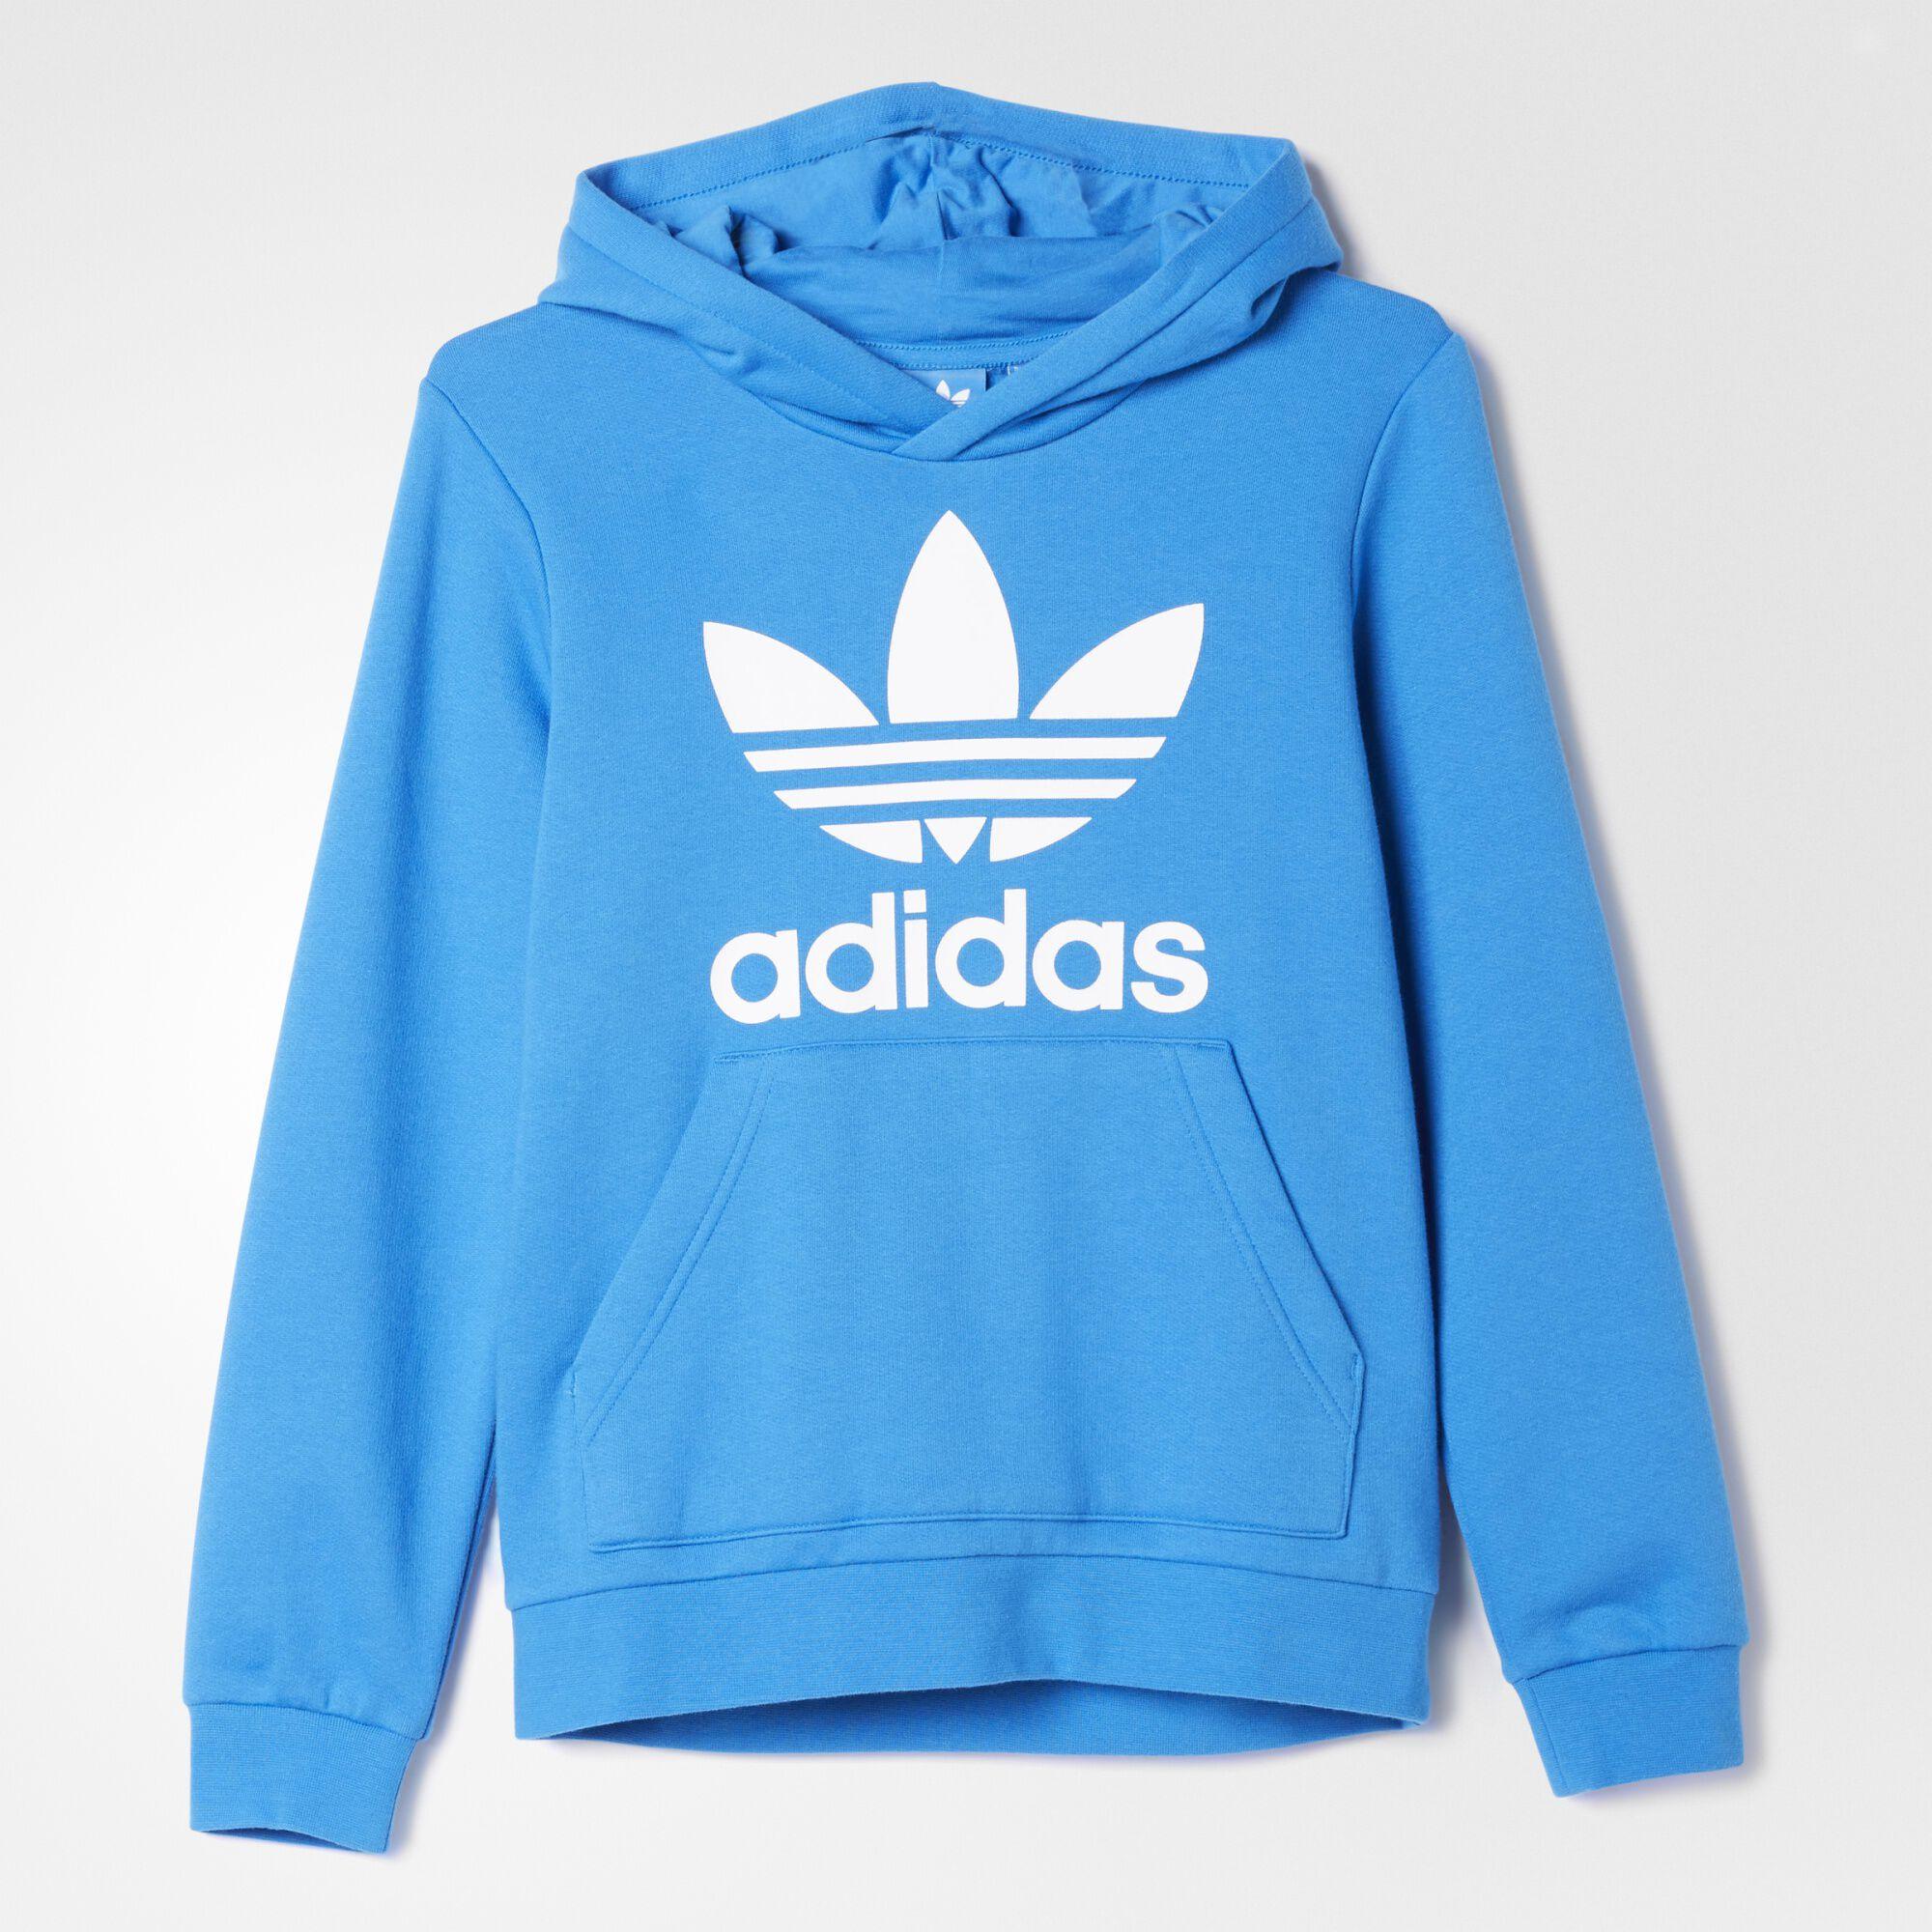 adidas trefoil hoodie blue adidas us. Black Bedroom Furniture Sets. Home Design Ideas